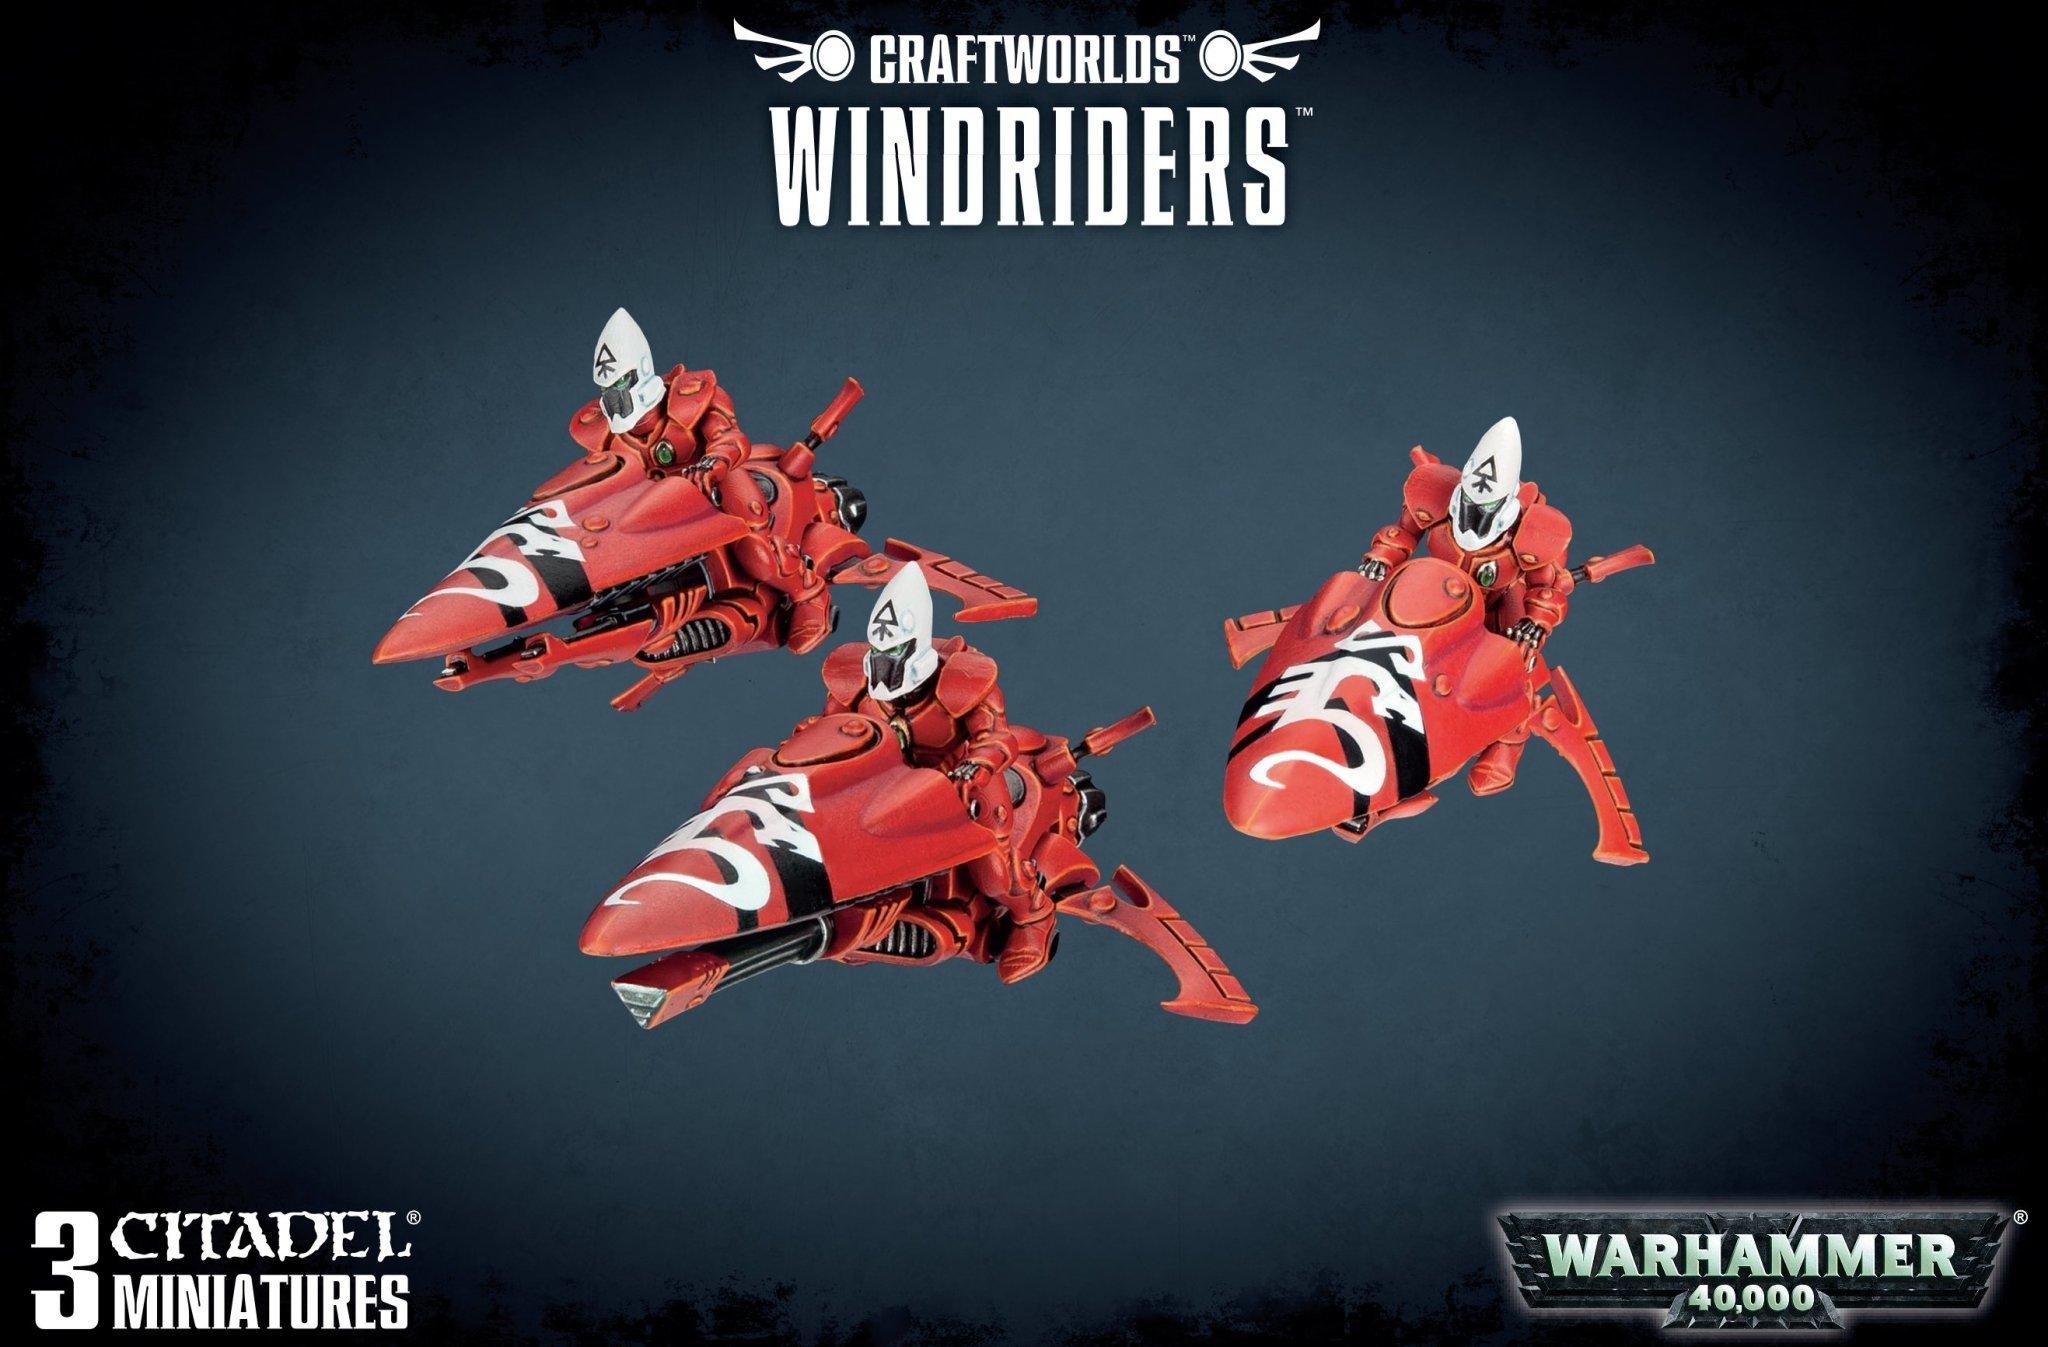 Games-Workshop Craftworlds Windriders